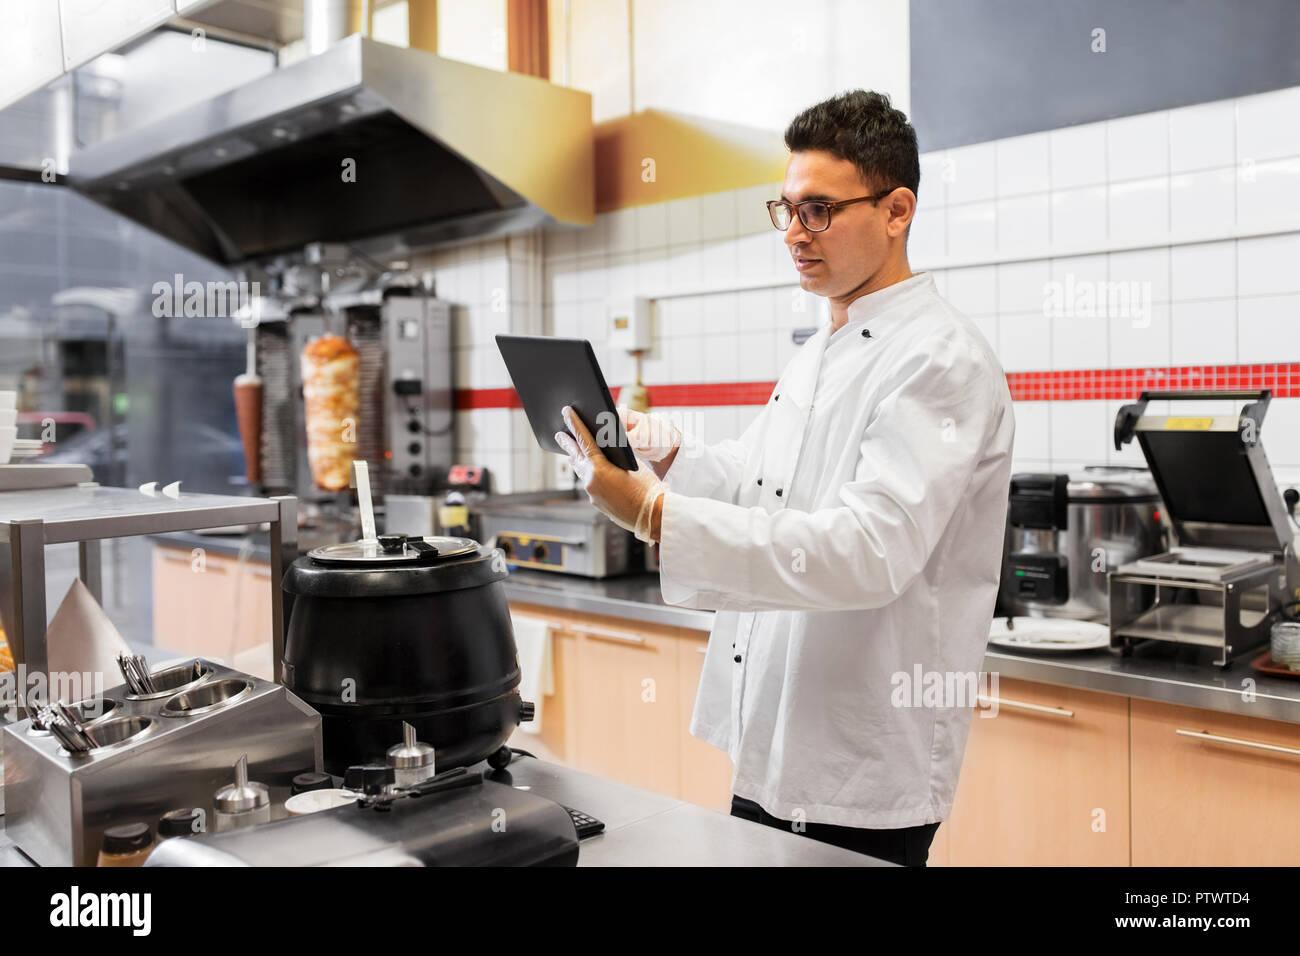 Chef cuisinier avec tablette PC à une cuisine de restaurant Photo Stock